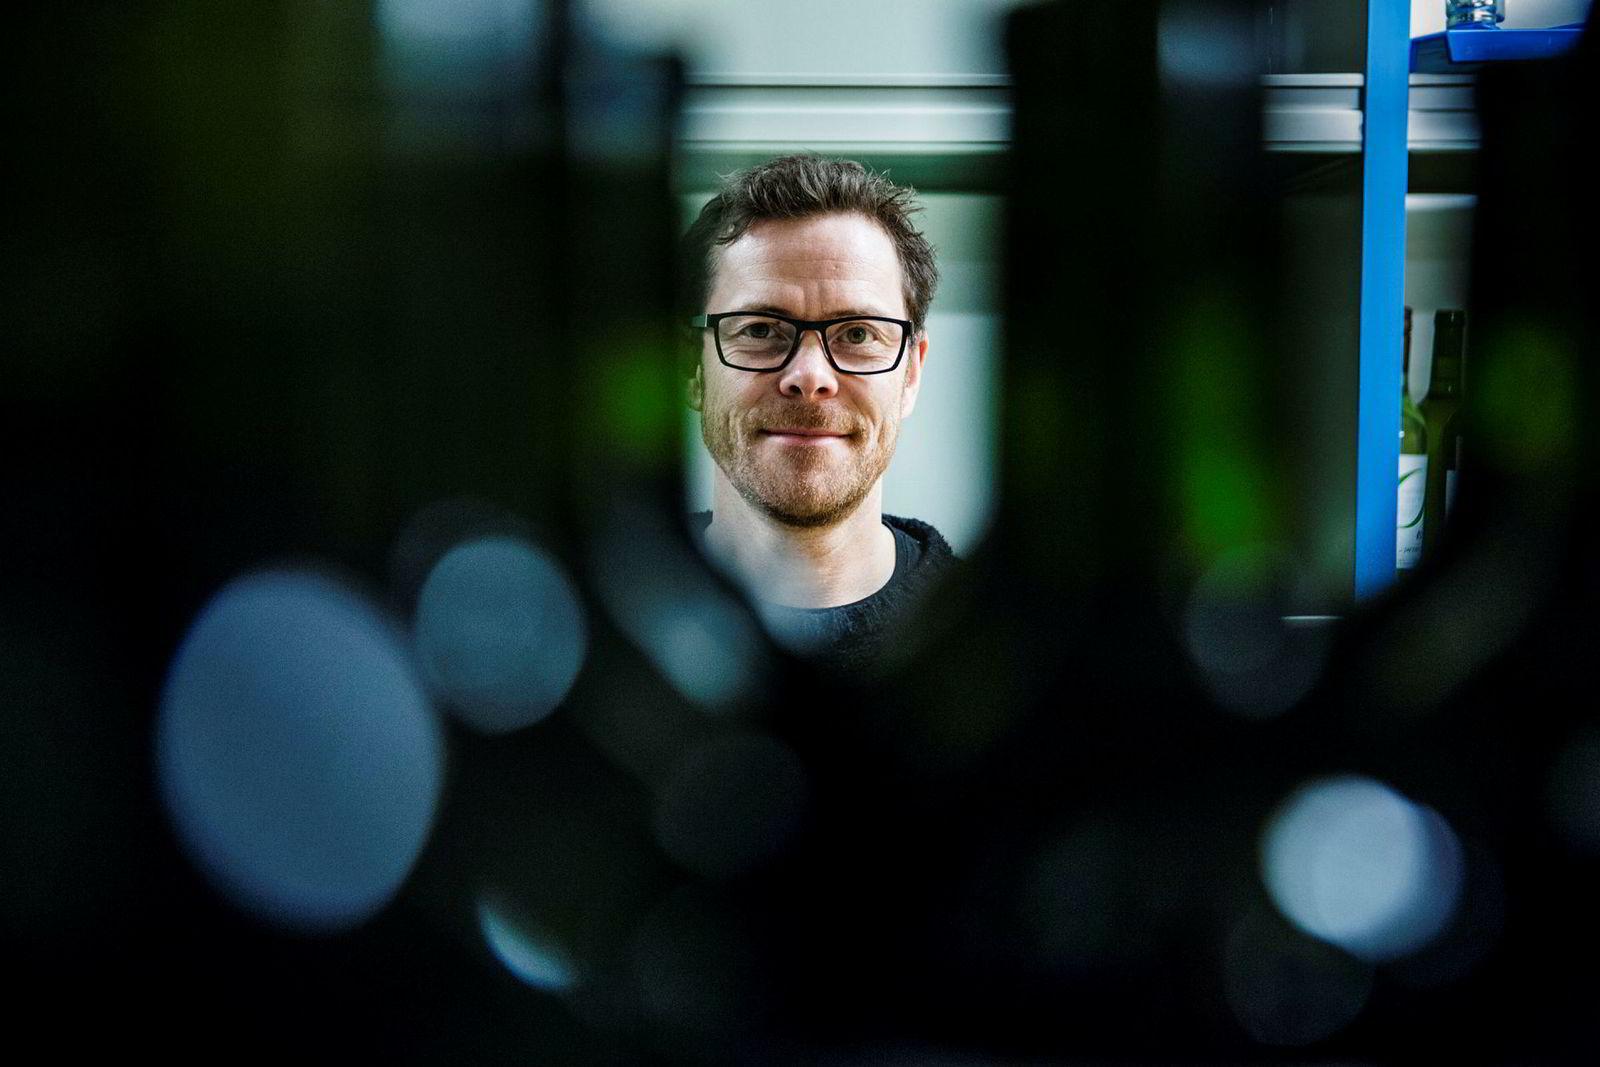 Jens Nordahl er kommunikasjonsdirektør i Vinmonopolet er overrasket over at flere ser ut til å bytte hvitvin ut med rødvin.